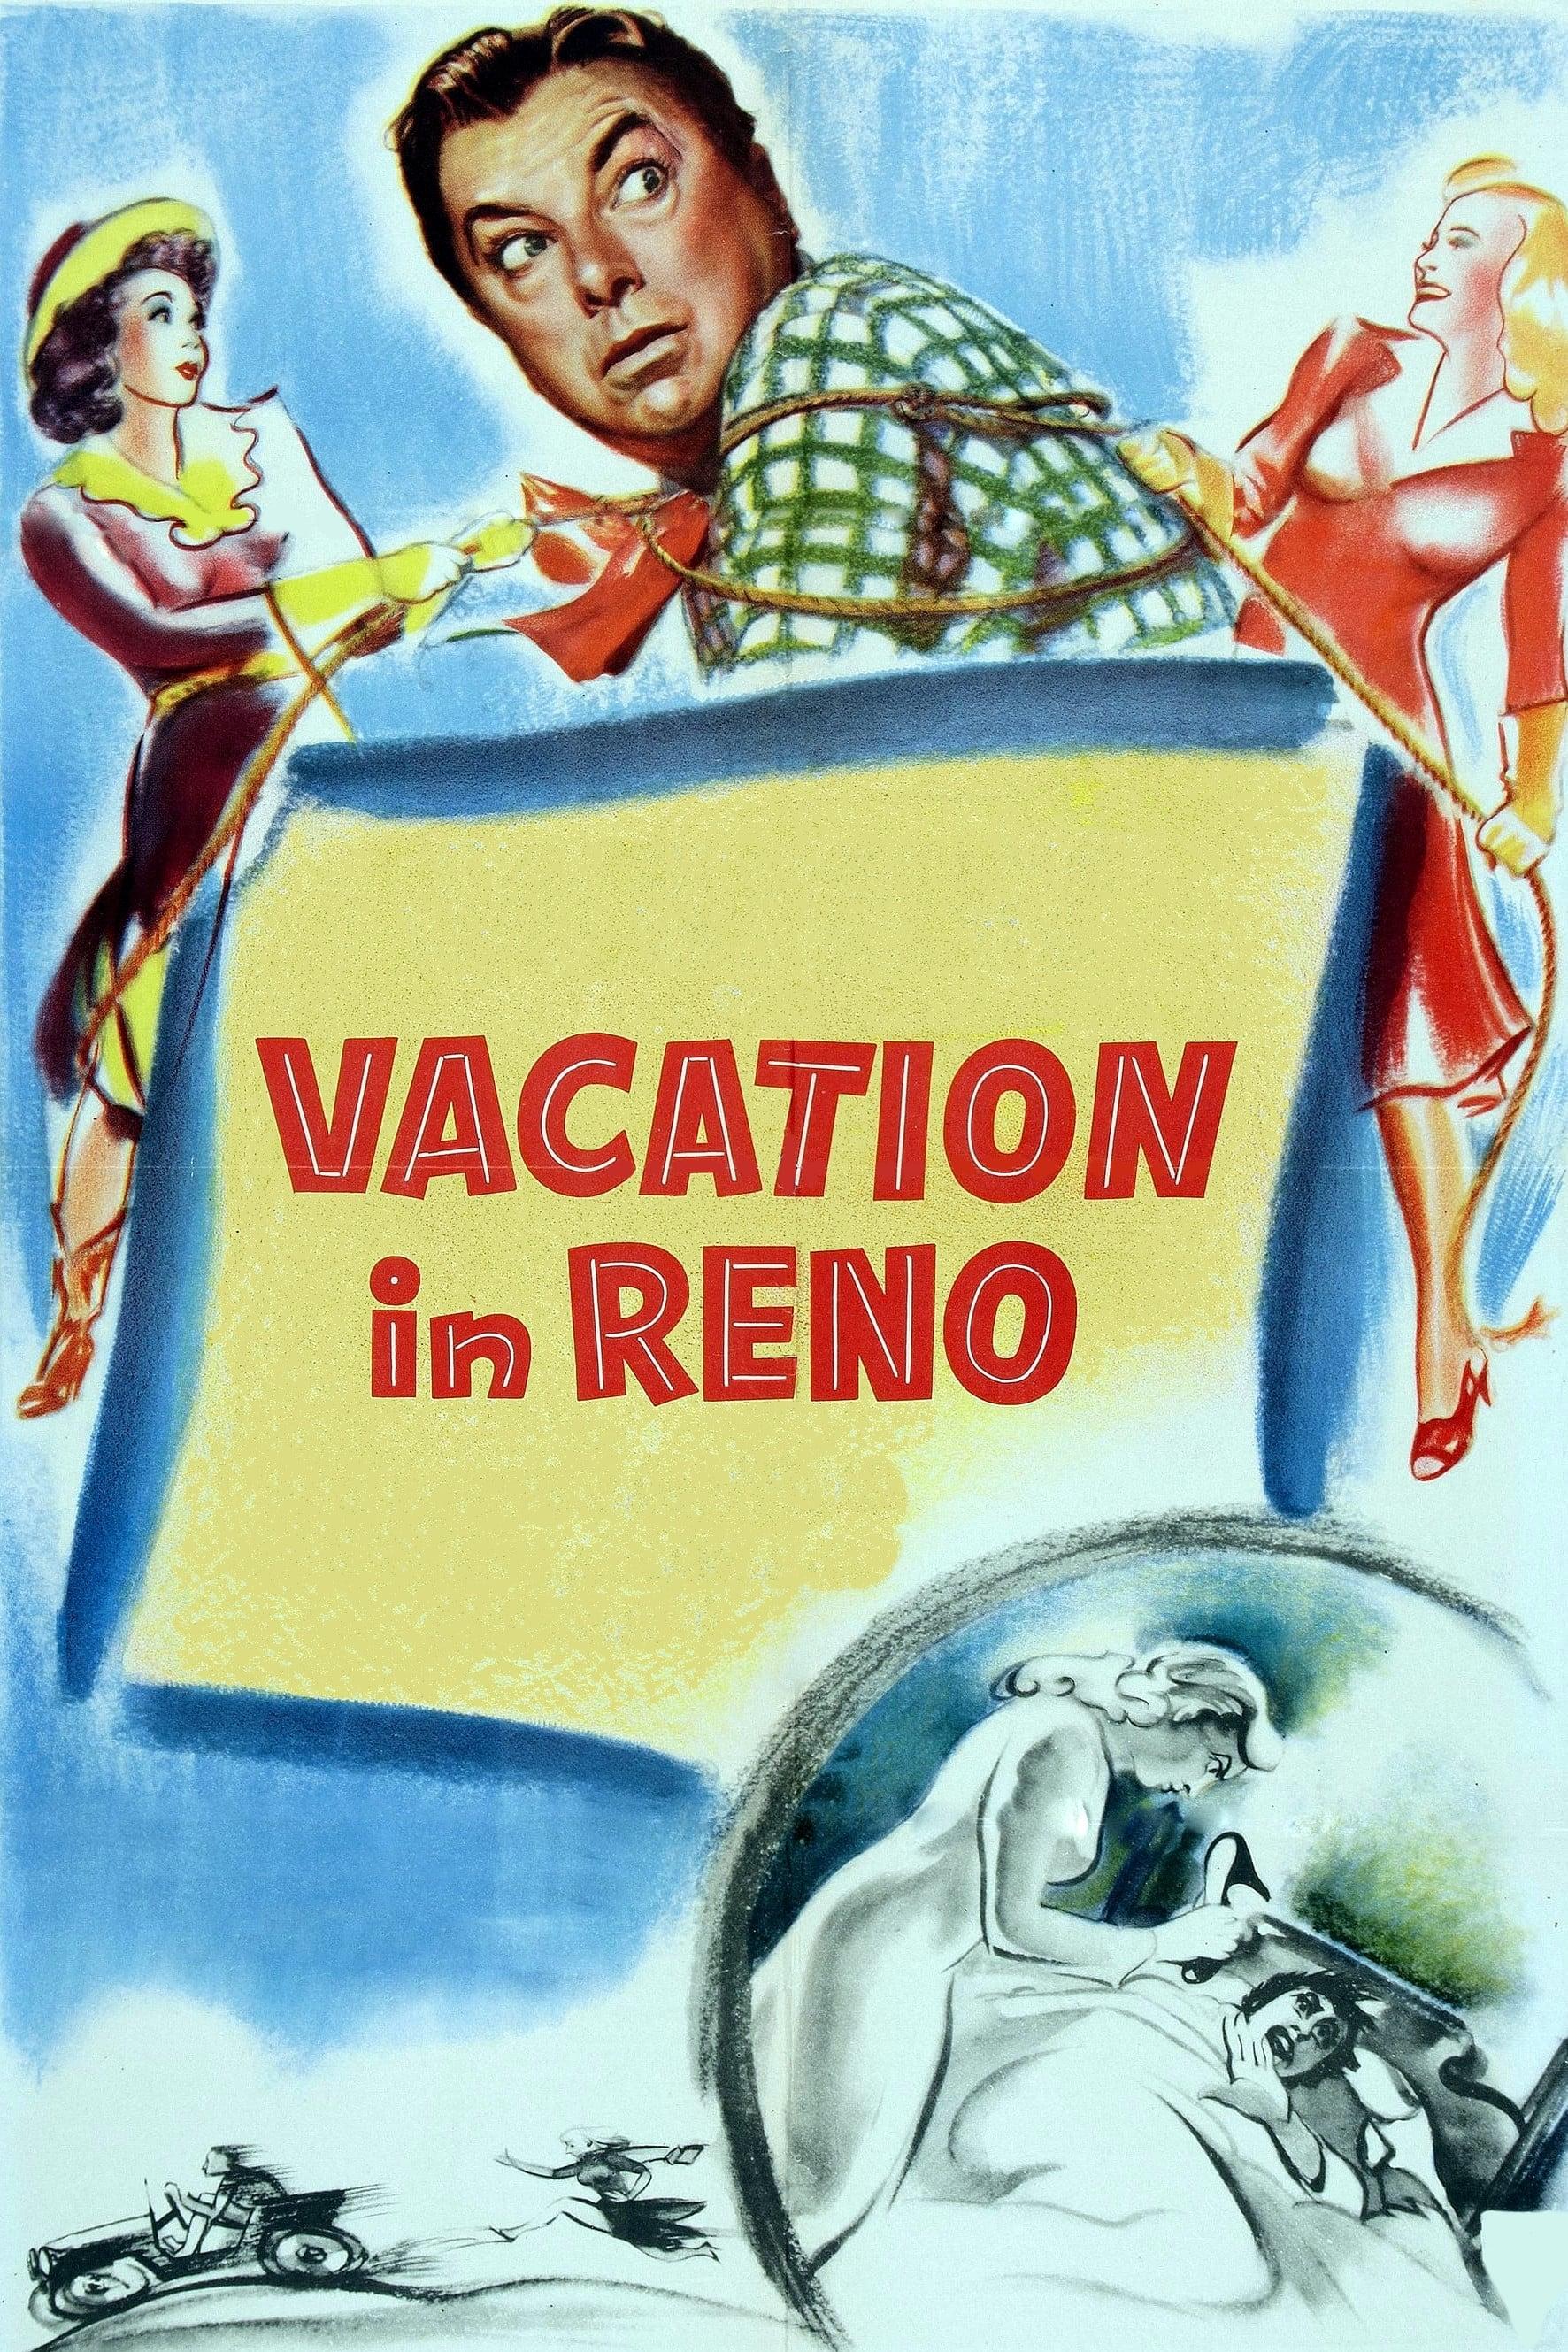 Vacation in Reno